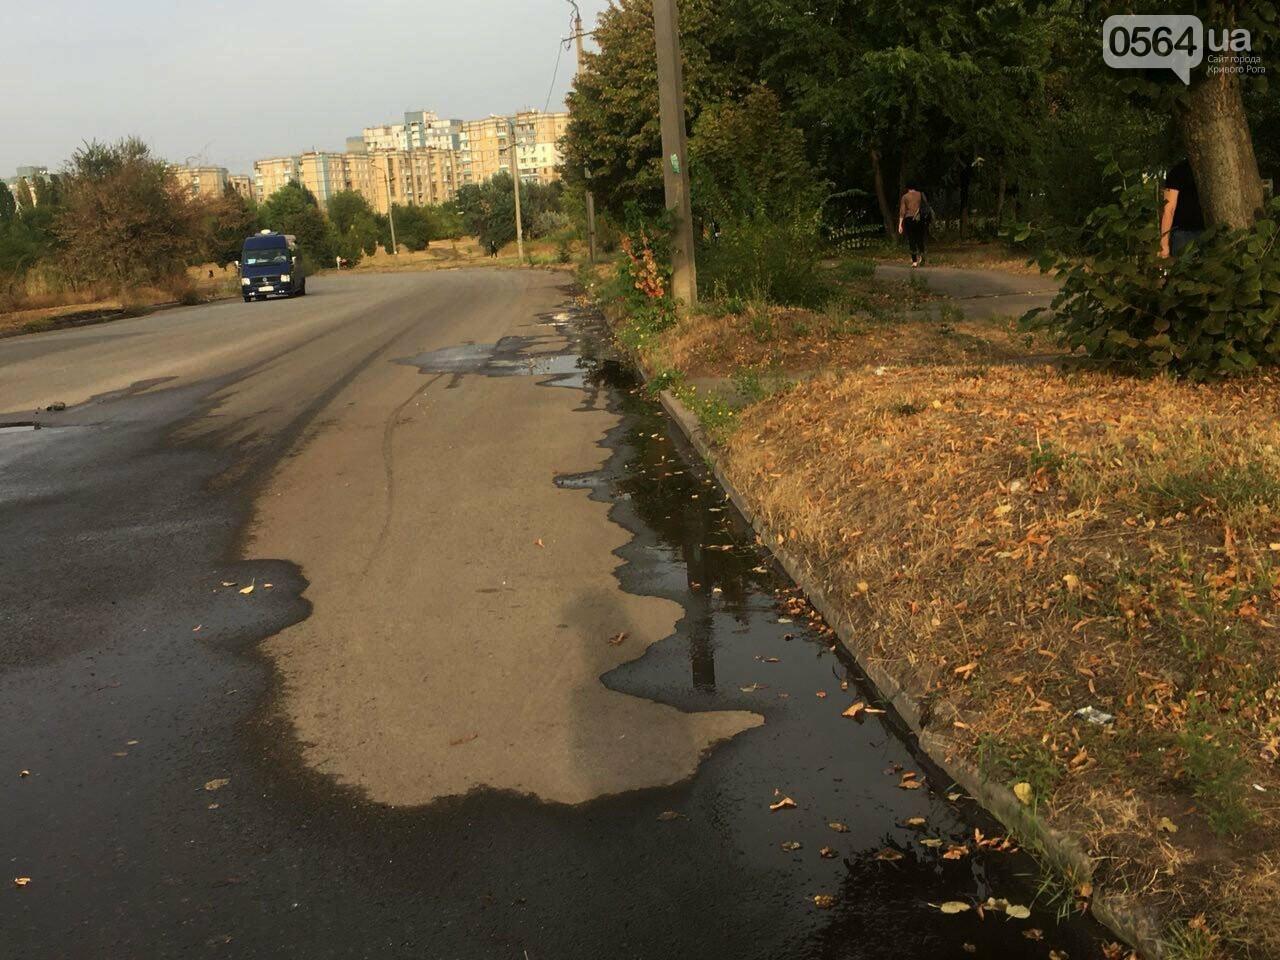 В Кривом Роге несколько дней заливает питьевой водой целый микрорайон, - ФОТО, ВИДЕО , фото-22